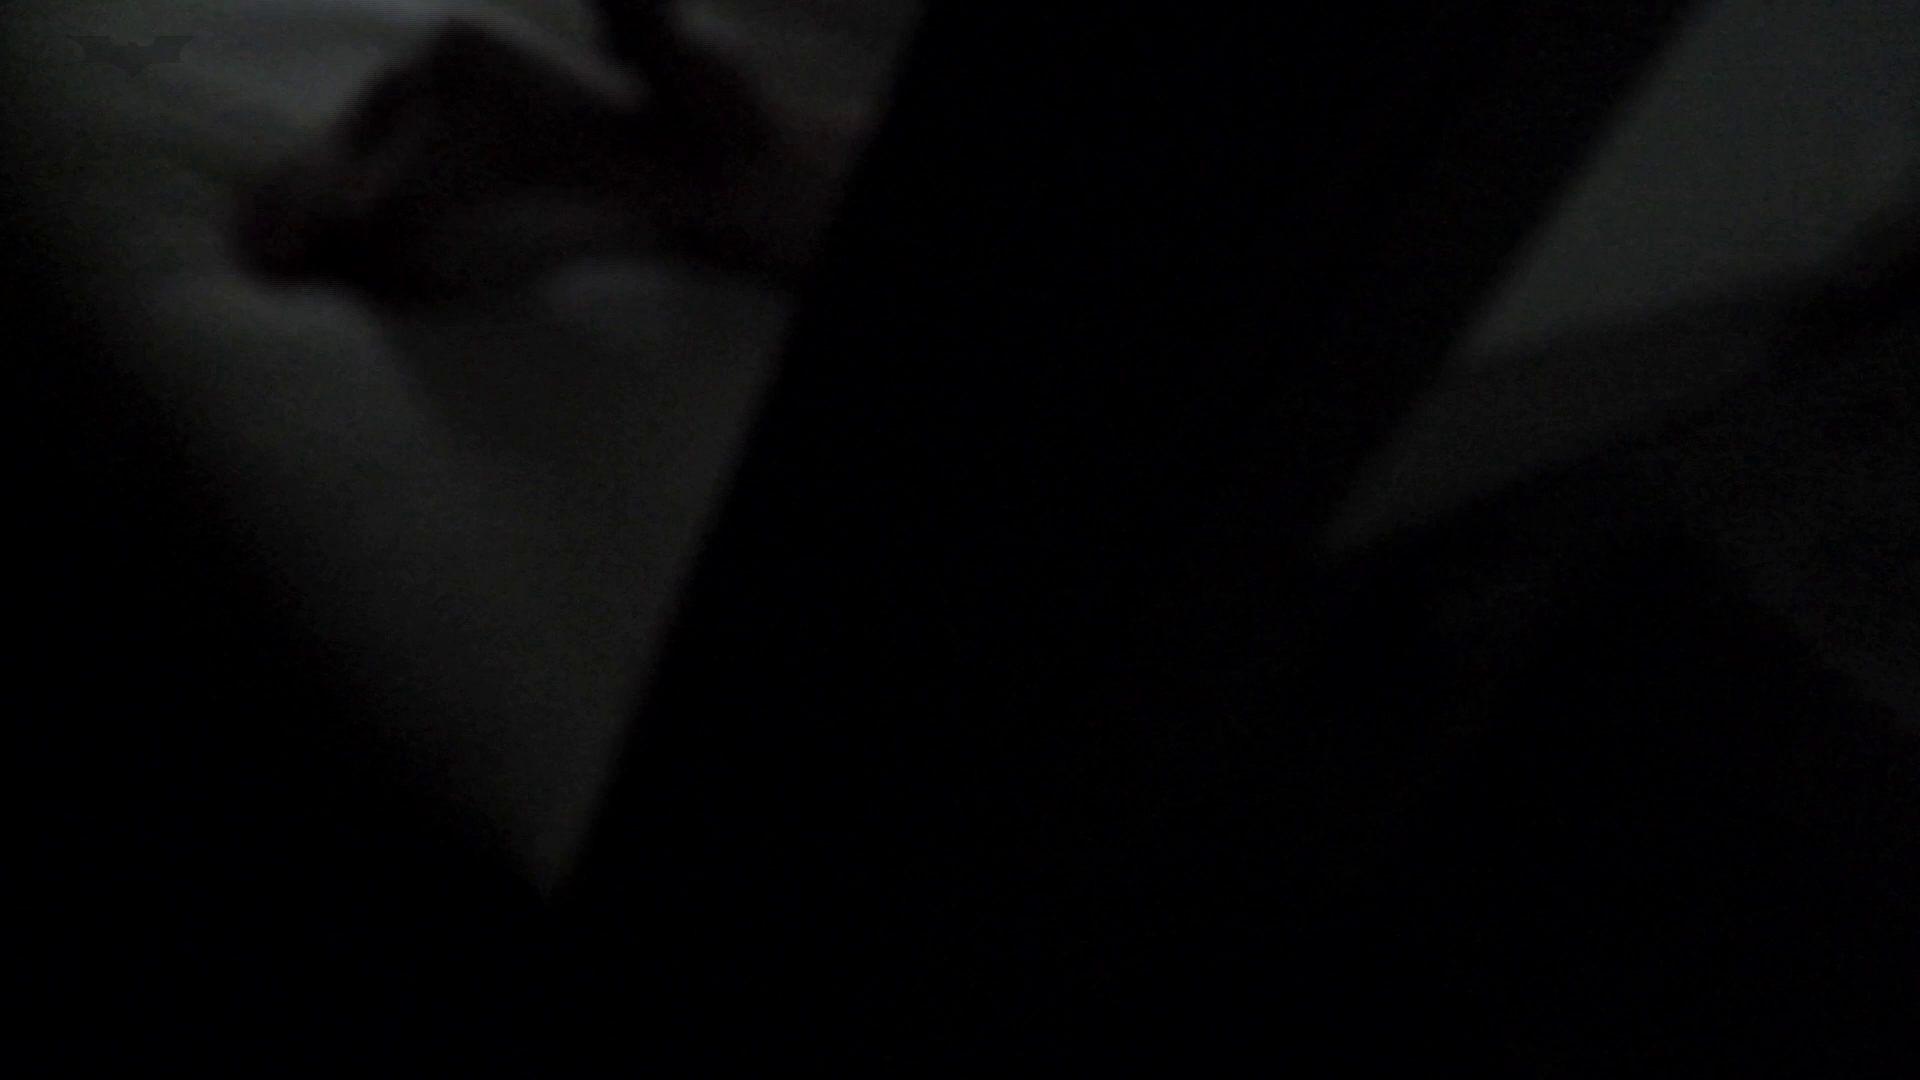 ヒトニアラヅNo.01 侵入 おまんこ無修正 盗撮オマンコ無修正動画無料 17pic 14